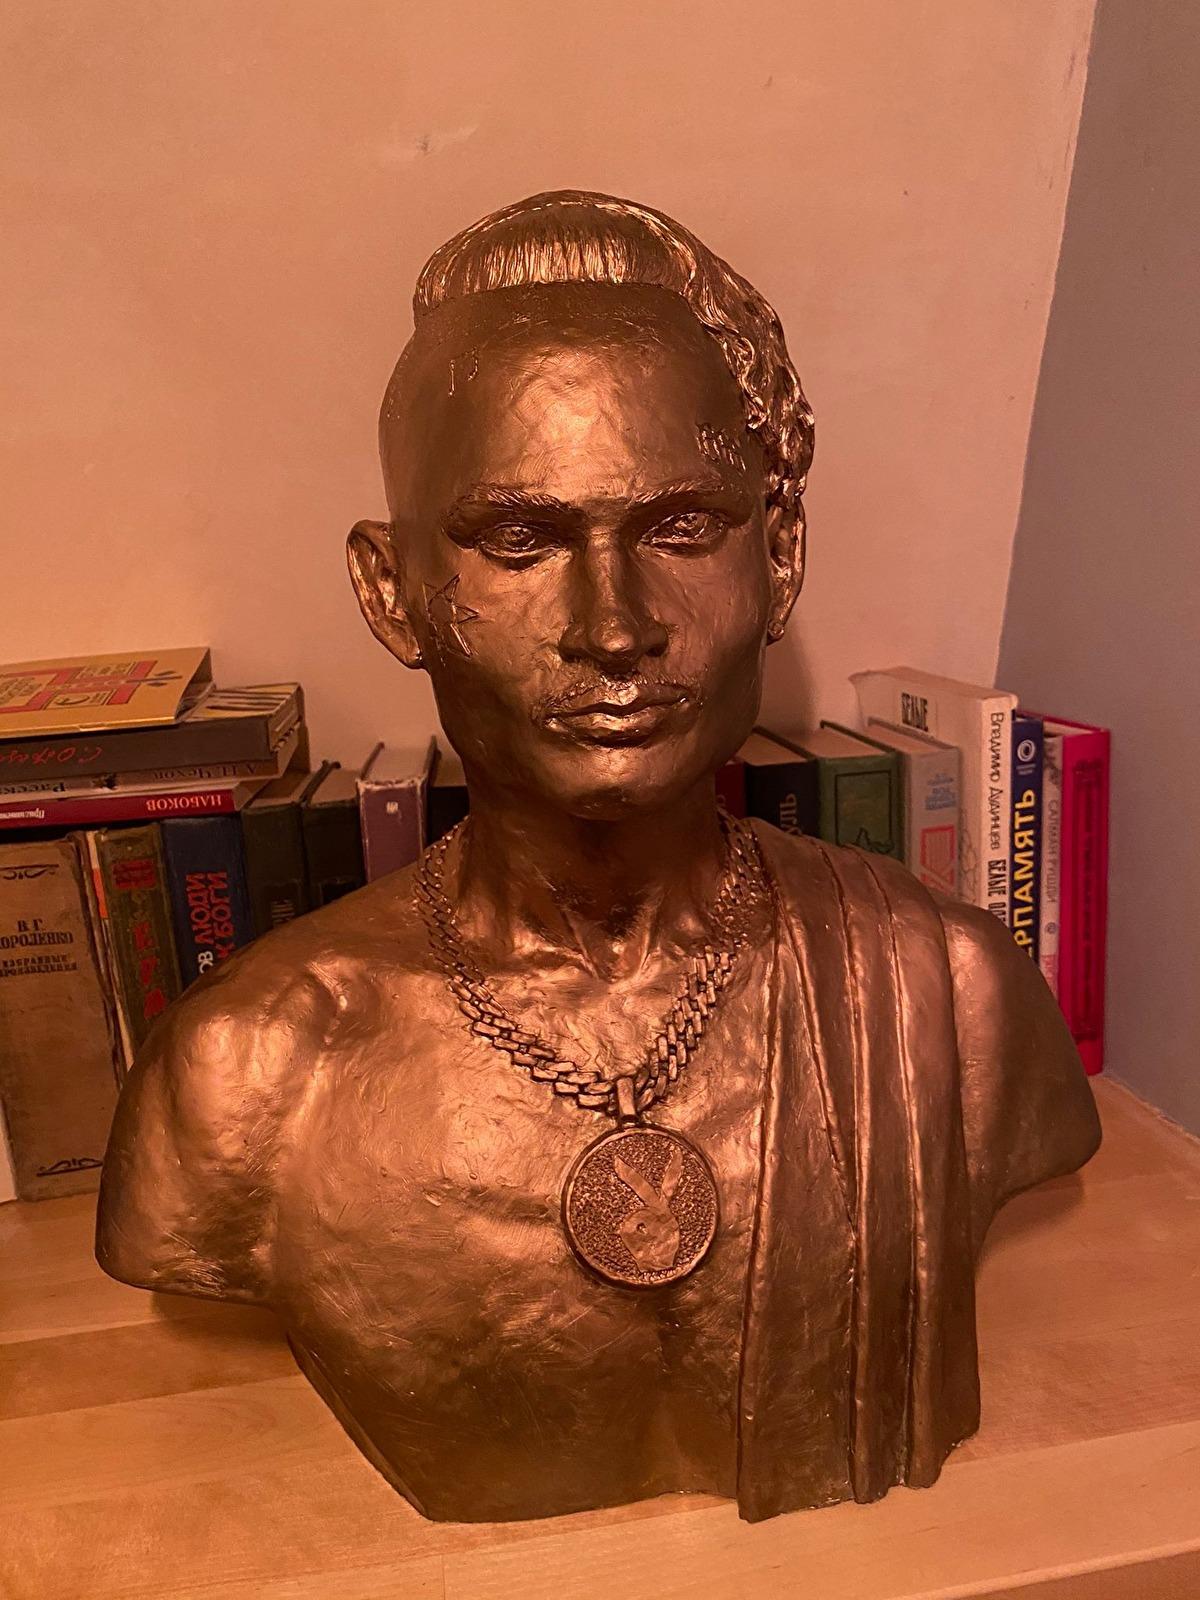 В Петербурге украли памятник рэперу Моргенштерну